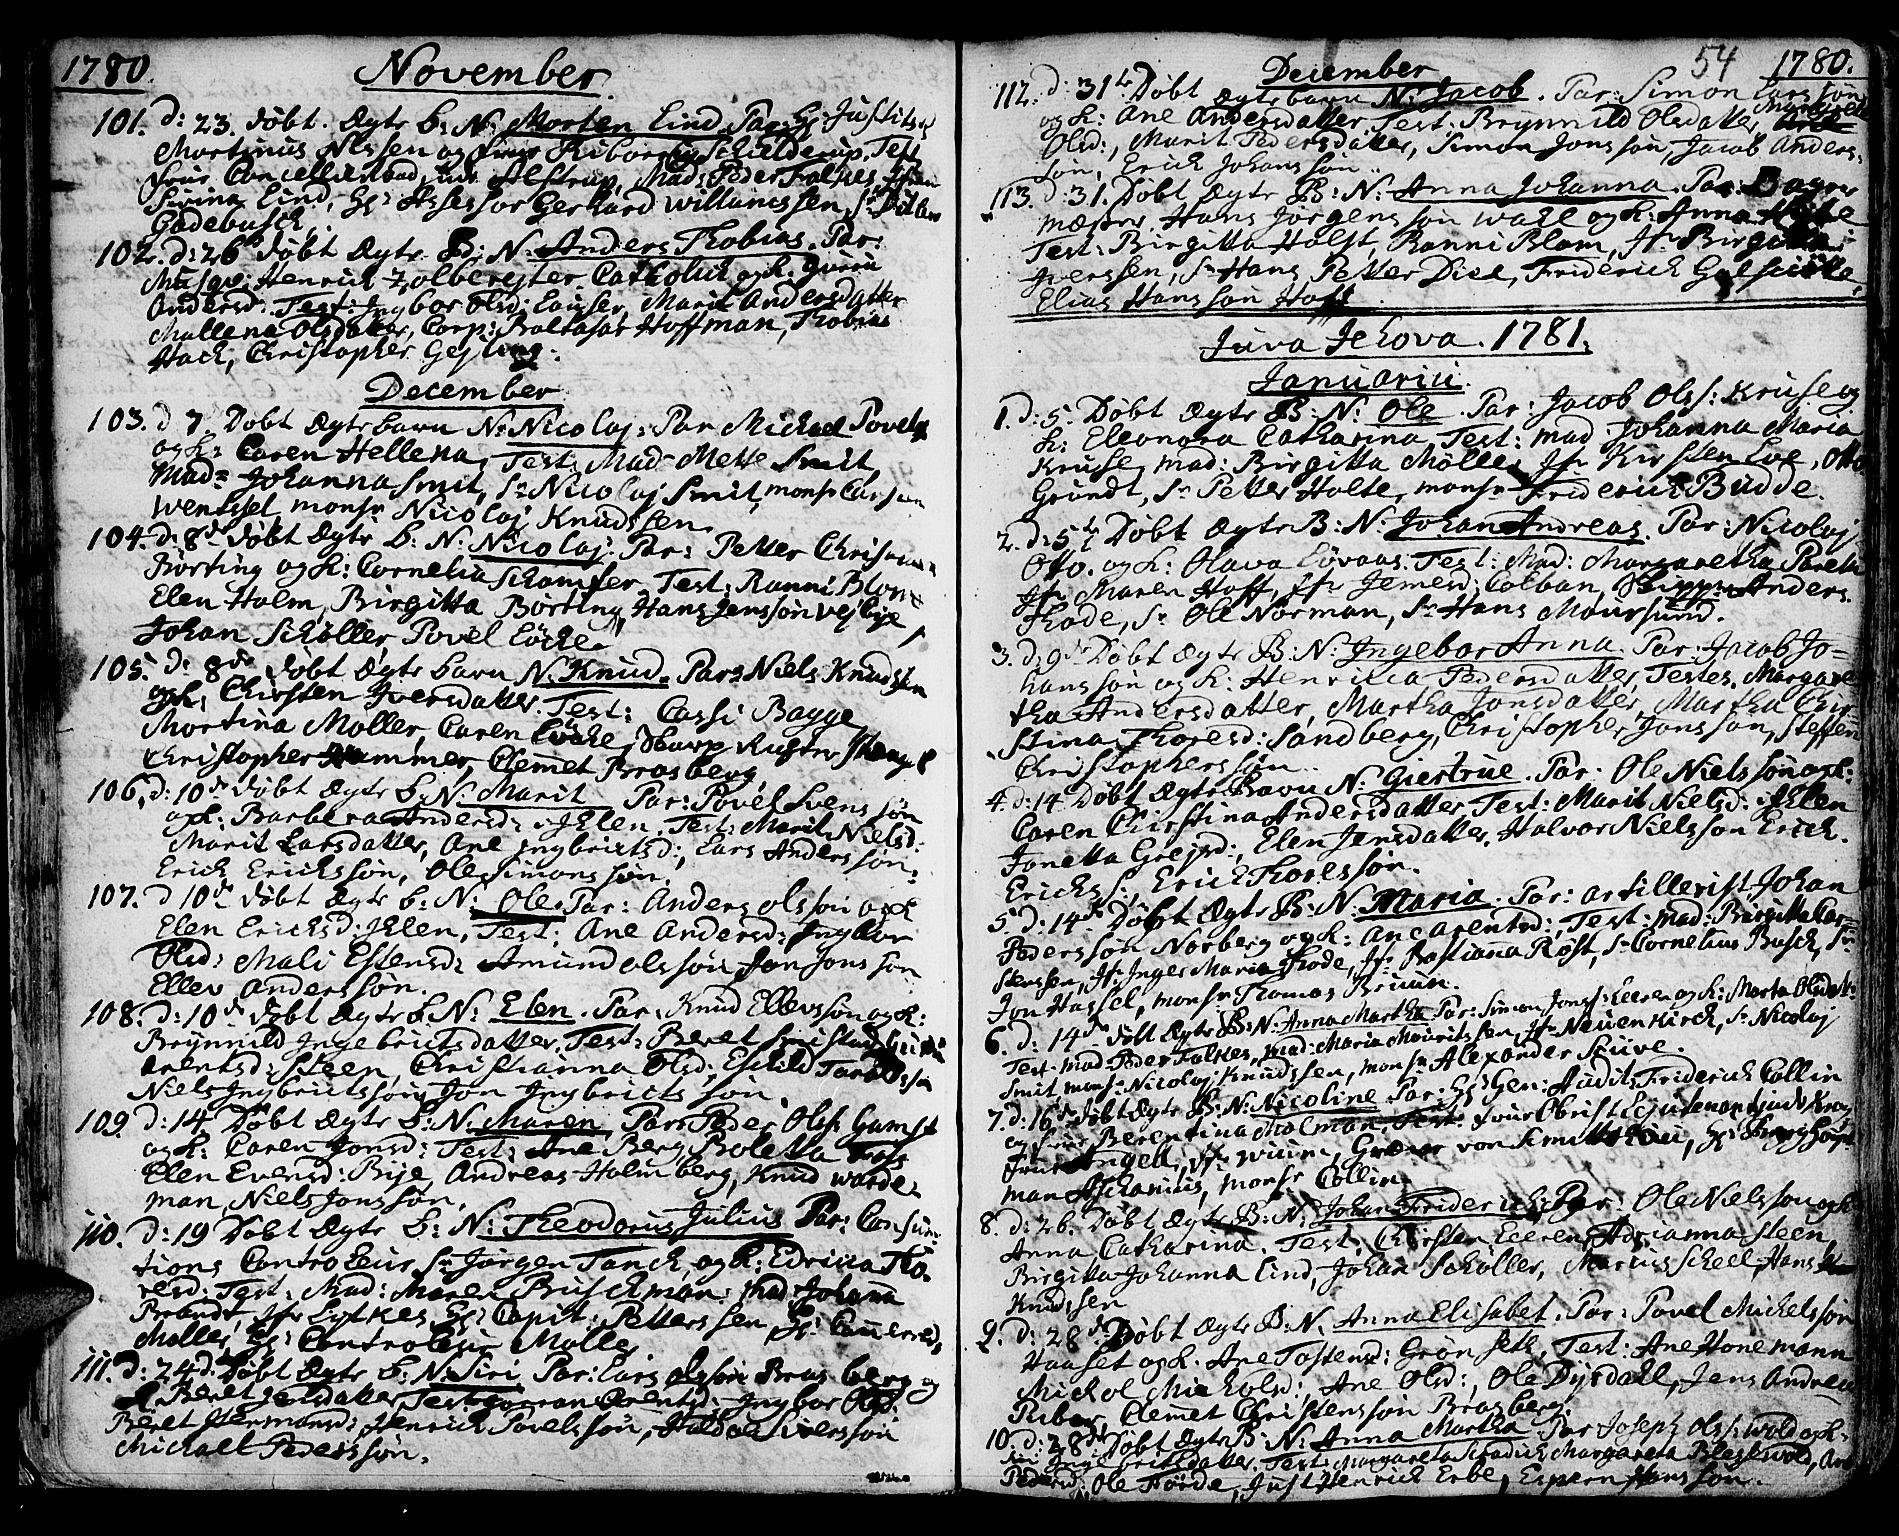 SAT, Ministerialprotokoller, klokkerbøker og fødselsregistre - Sør-Trøndelag, 601/L0039: Ministerialbok nr. 601A07, 1770-1819, s. 54